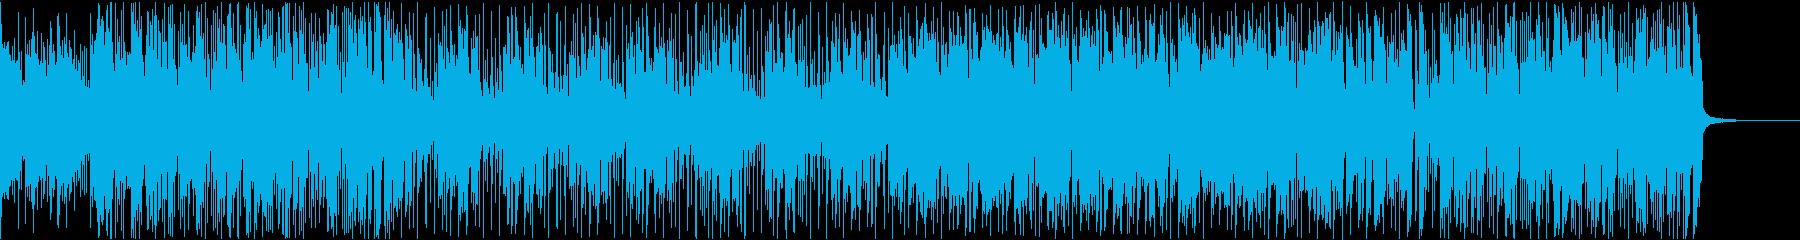 トランペット/ノリノリ/明るいの再生済みの波形